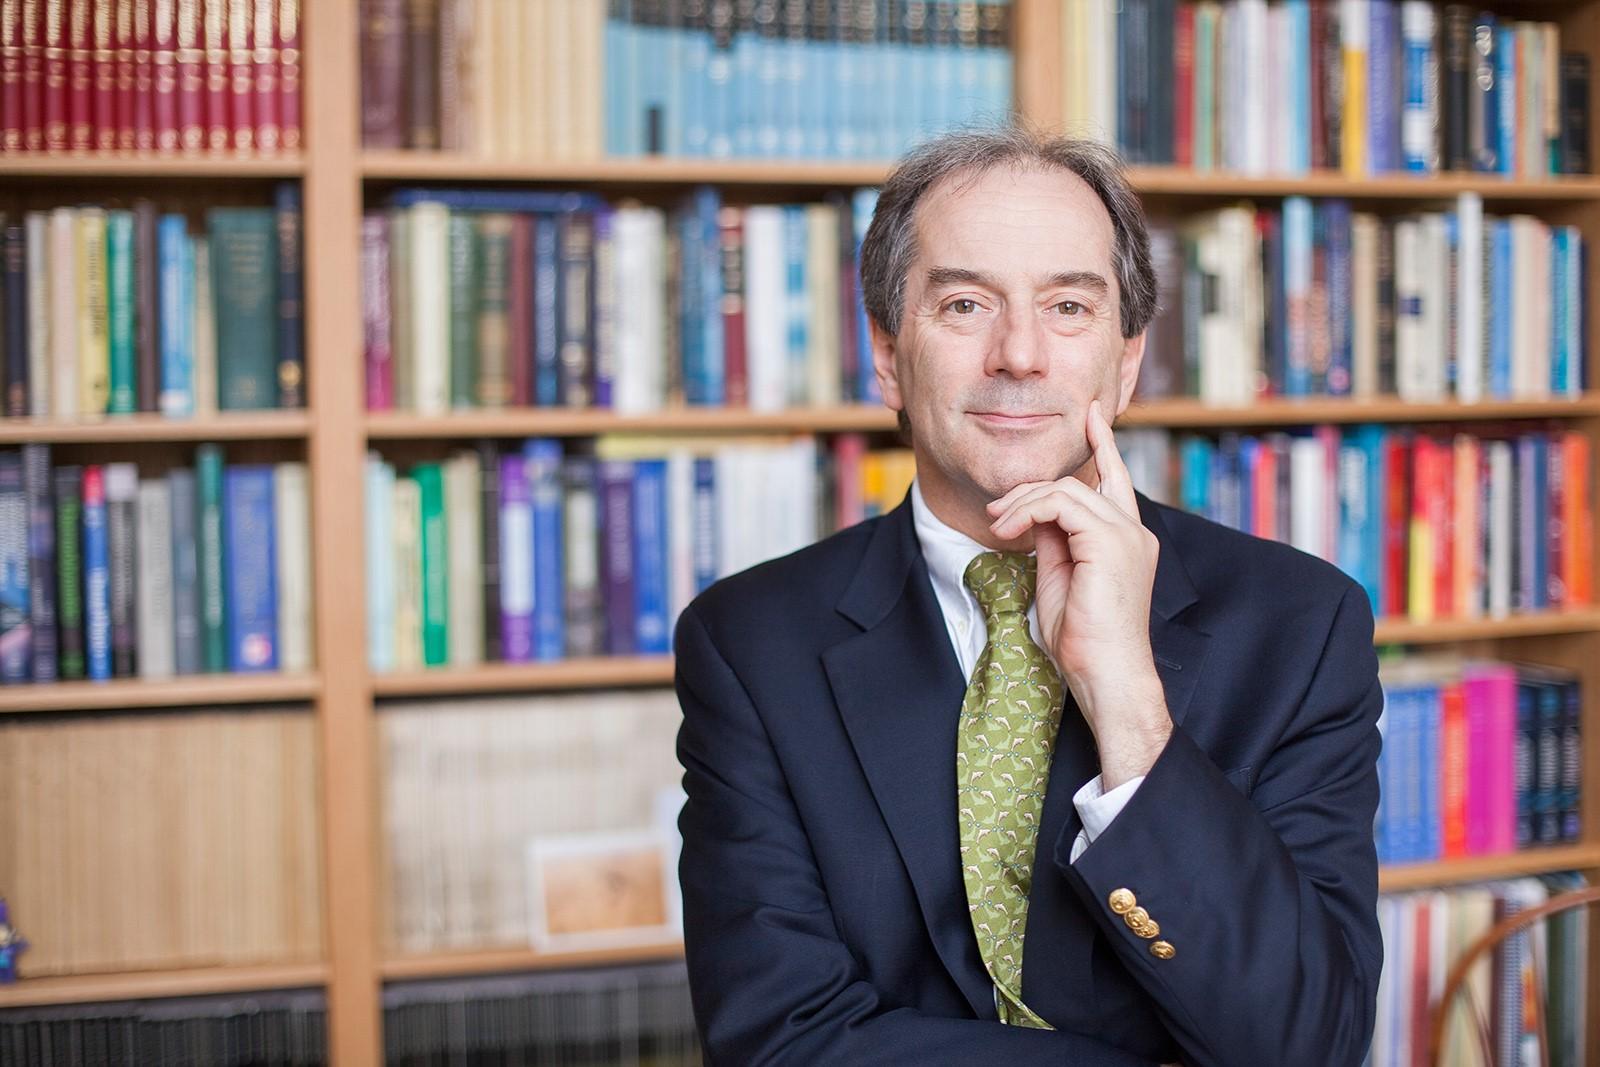 Dr. John H Lienhard